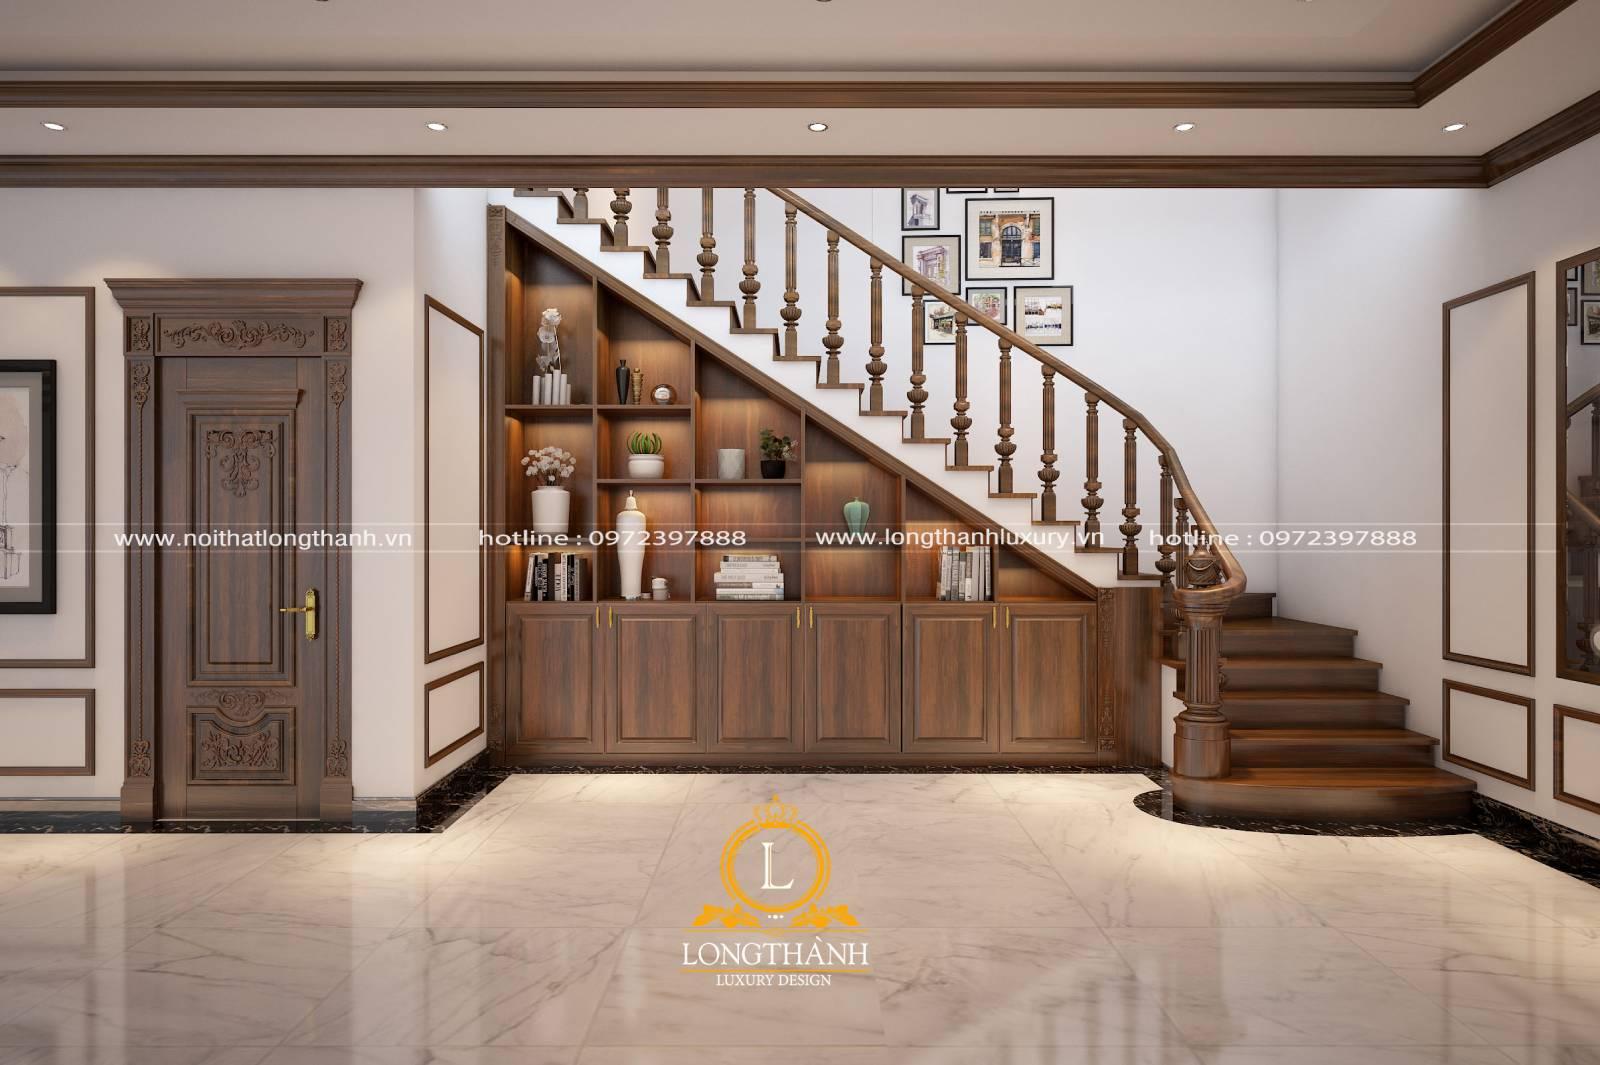 Các kiến thức về gỗ Gụ - Ứng dụng của gỗ gụ trong ngành nội thất